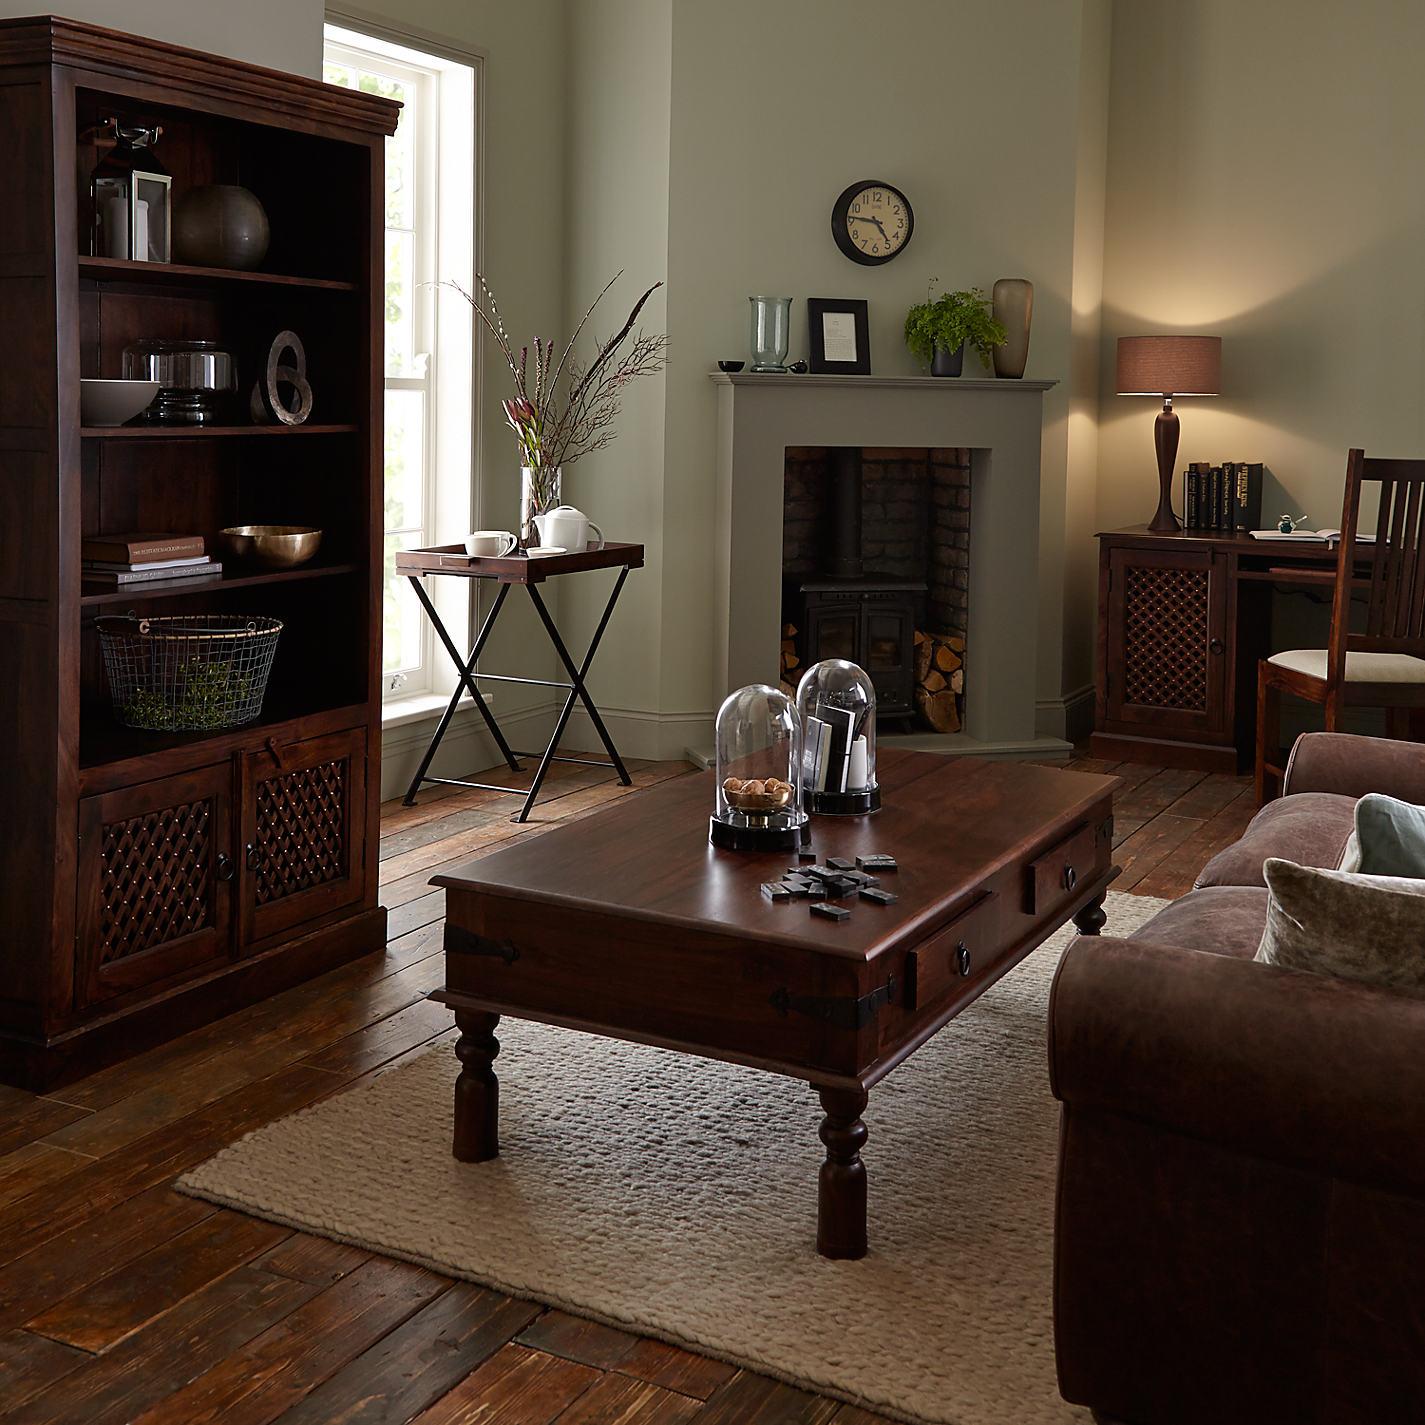 The Range Dining Room Furniture Buy John Lewis Maharani Living Amp Dining Room Furniture John Lewis